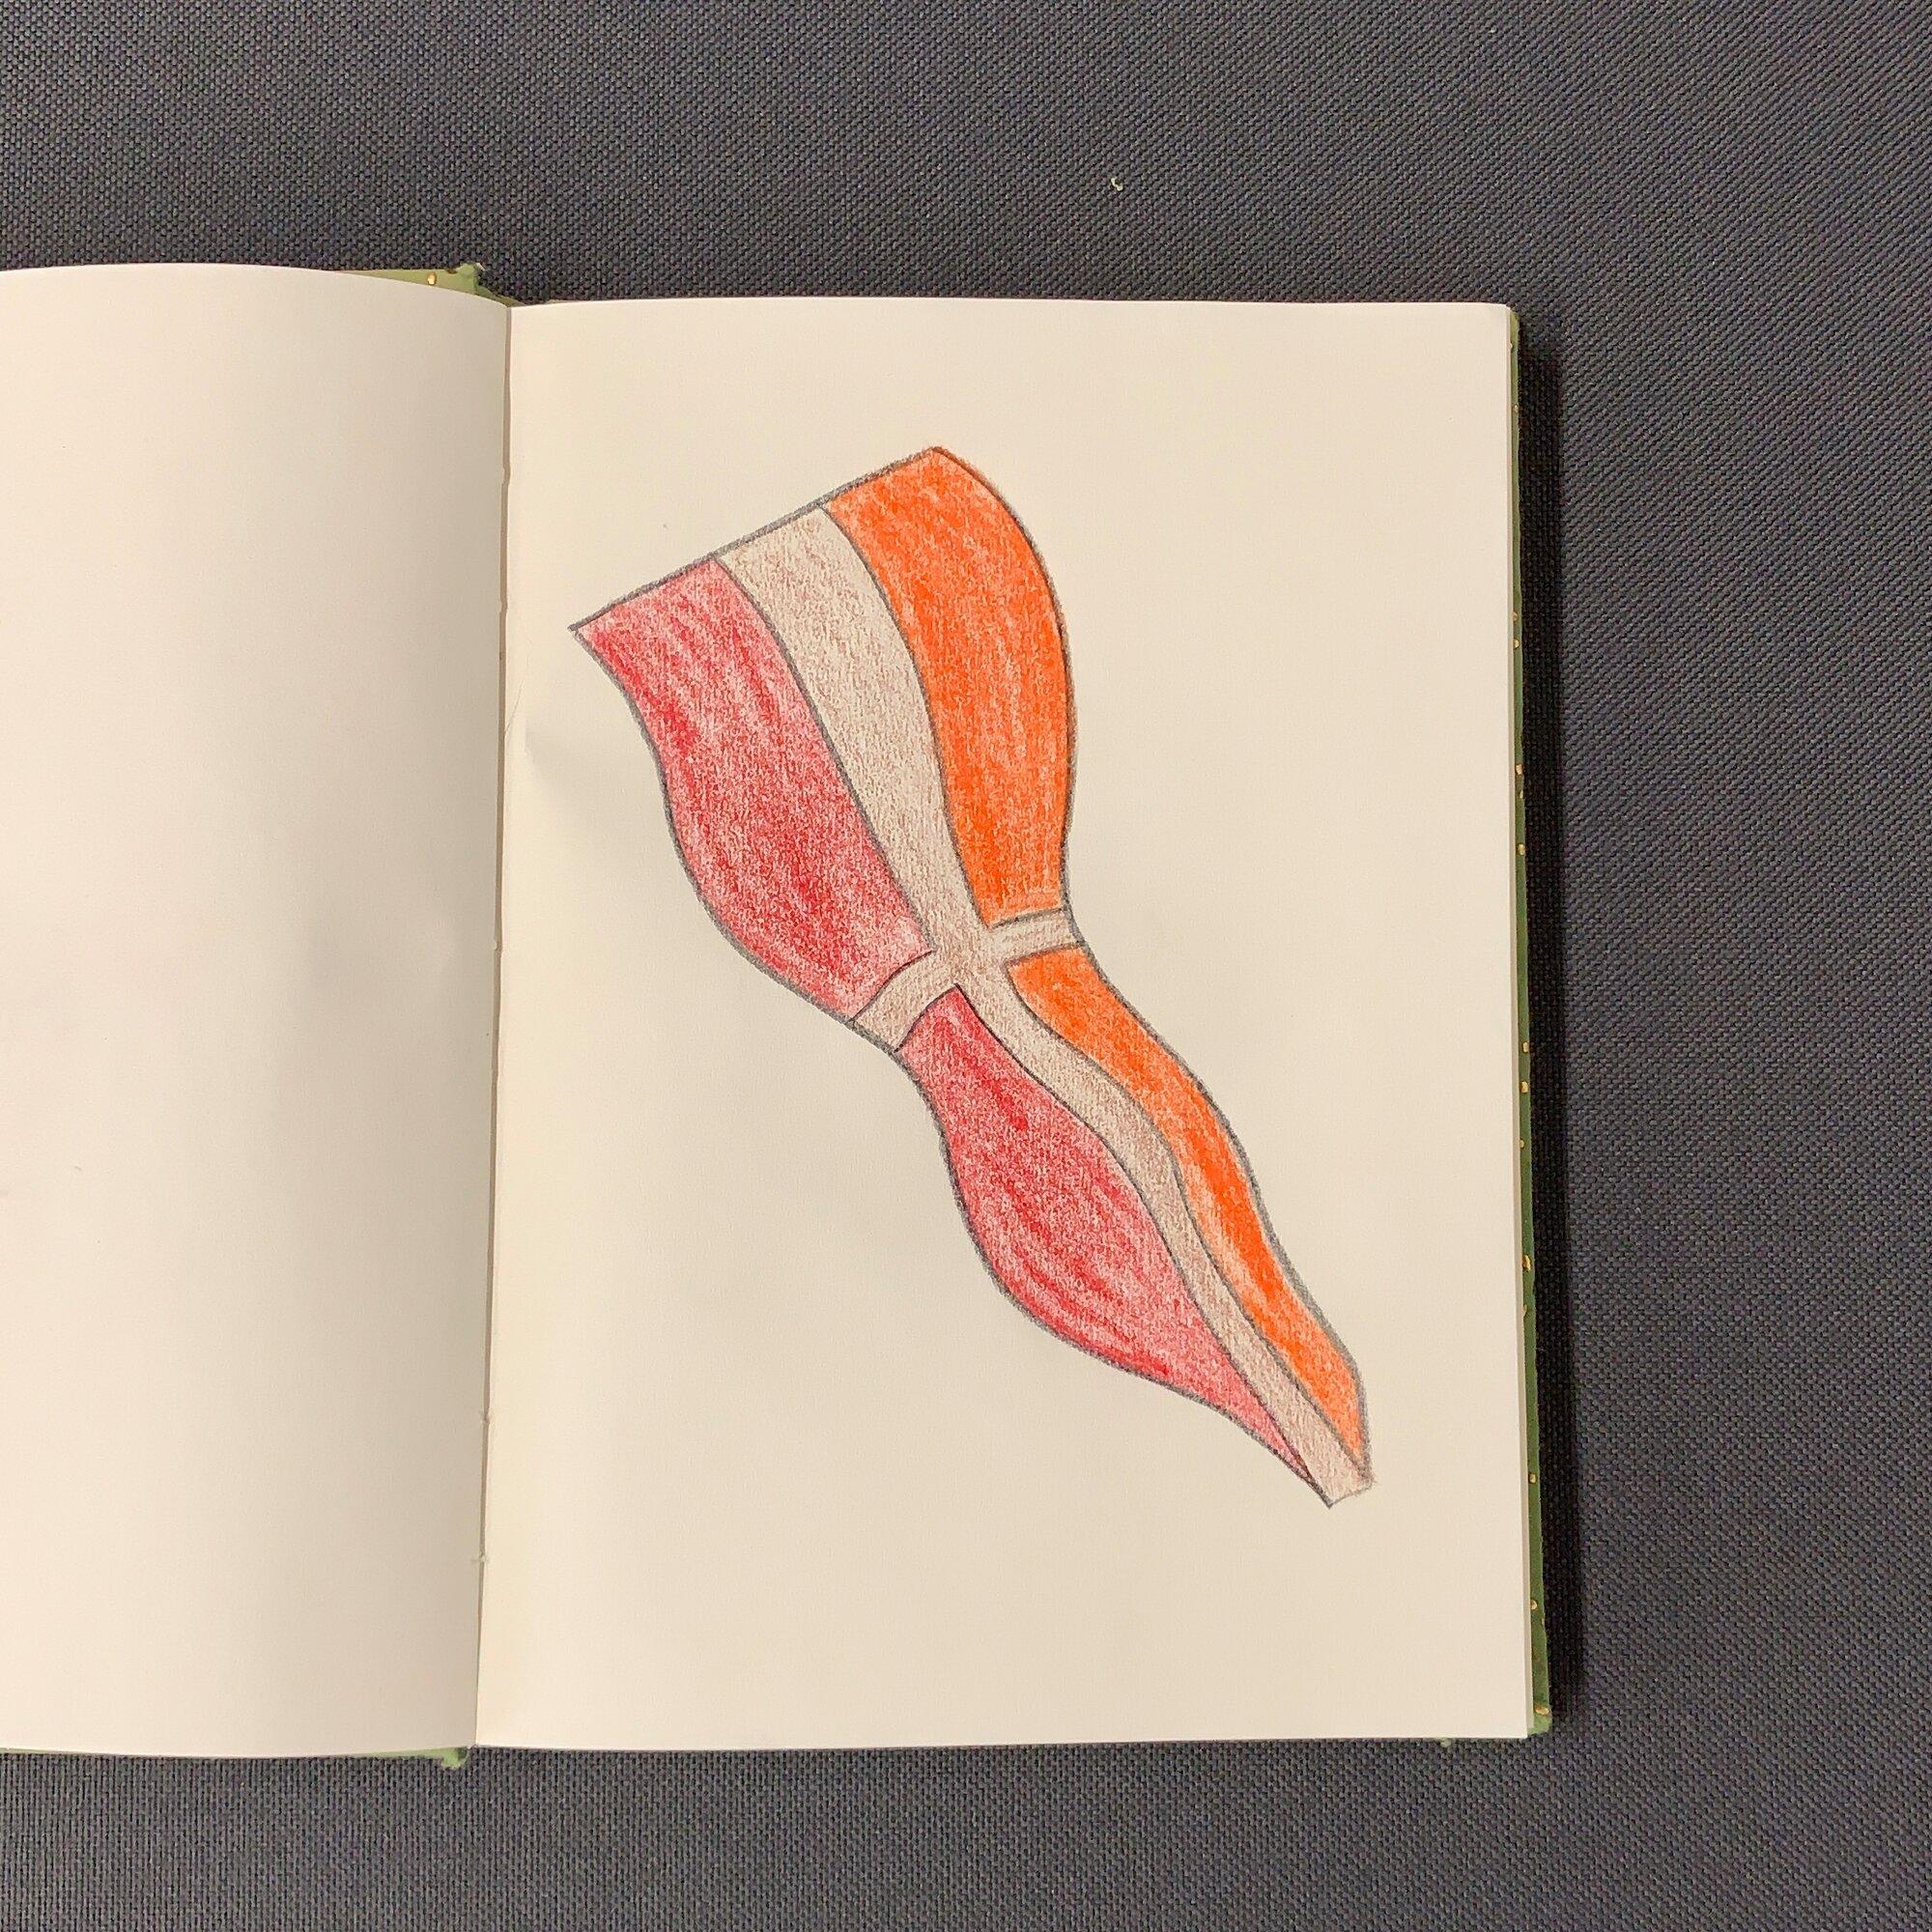 Sasso Sketch 1